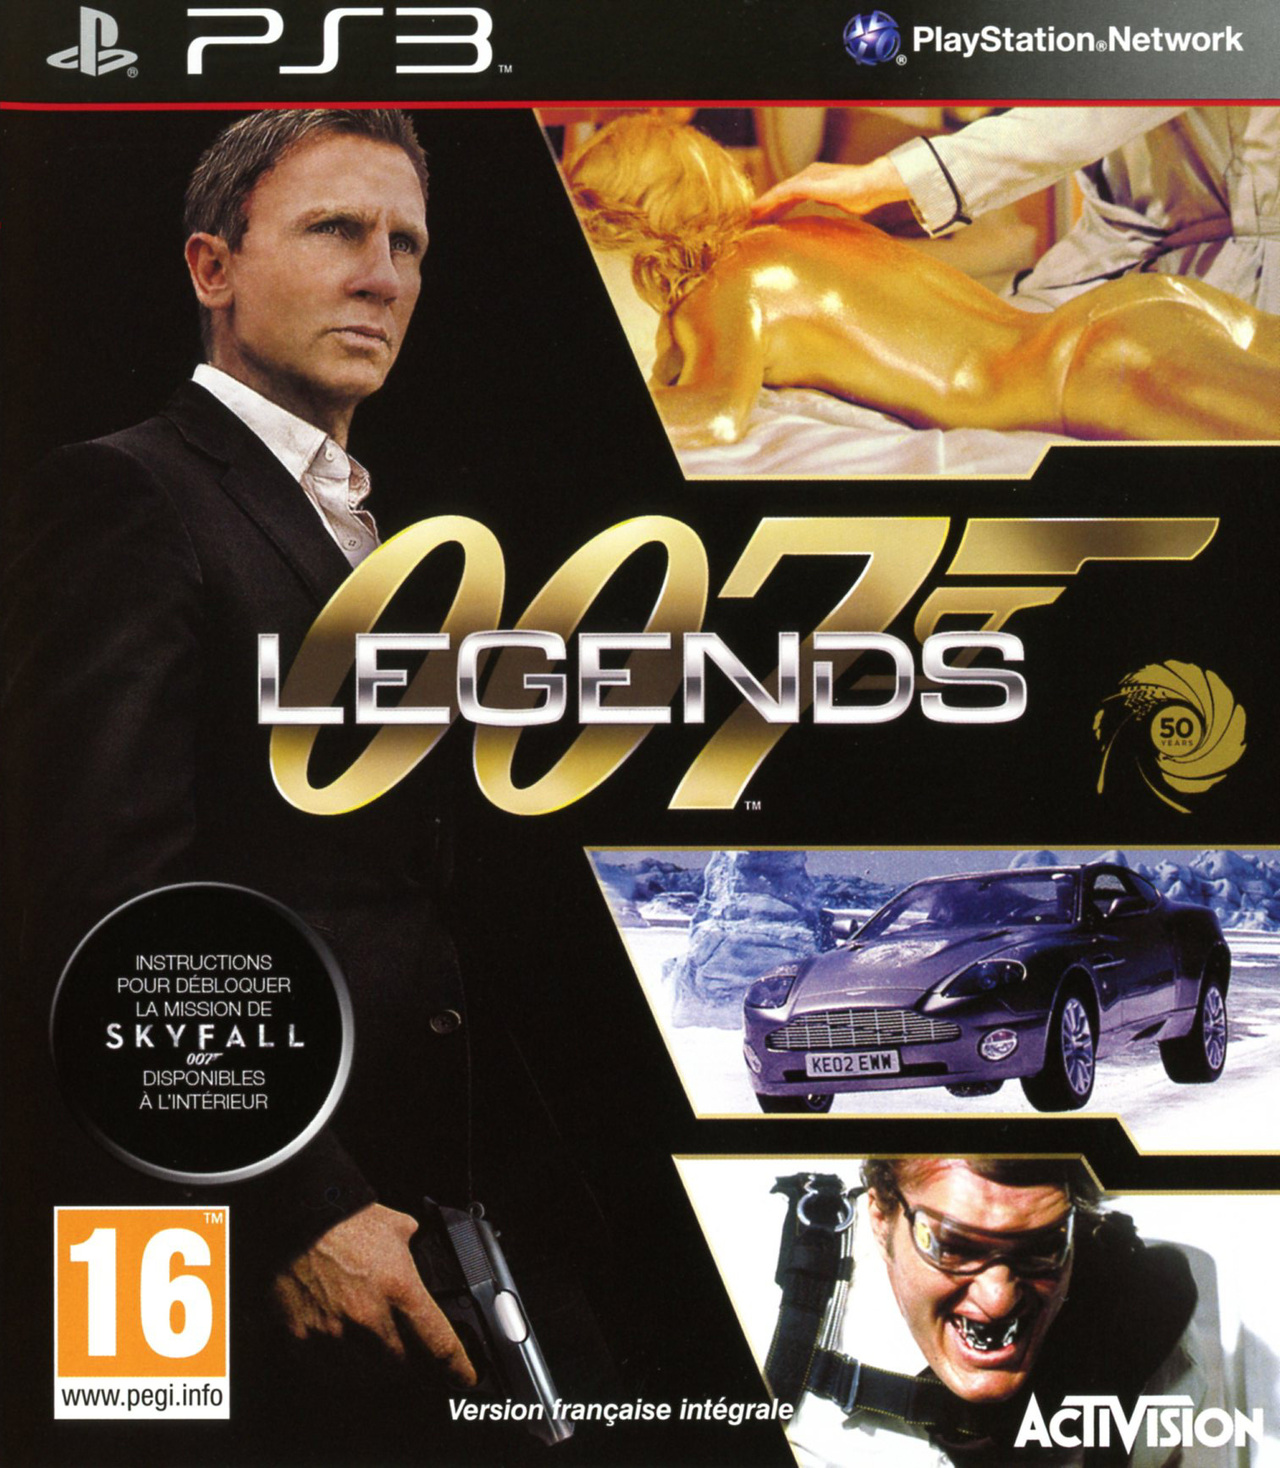 007 Legends EUR PS3 [MULTI]